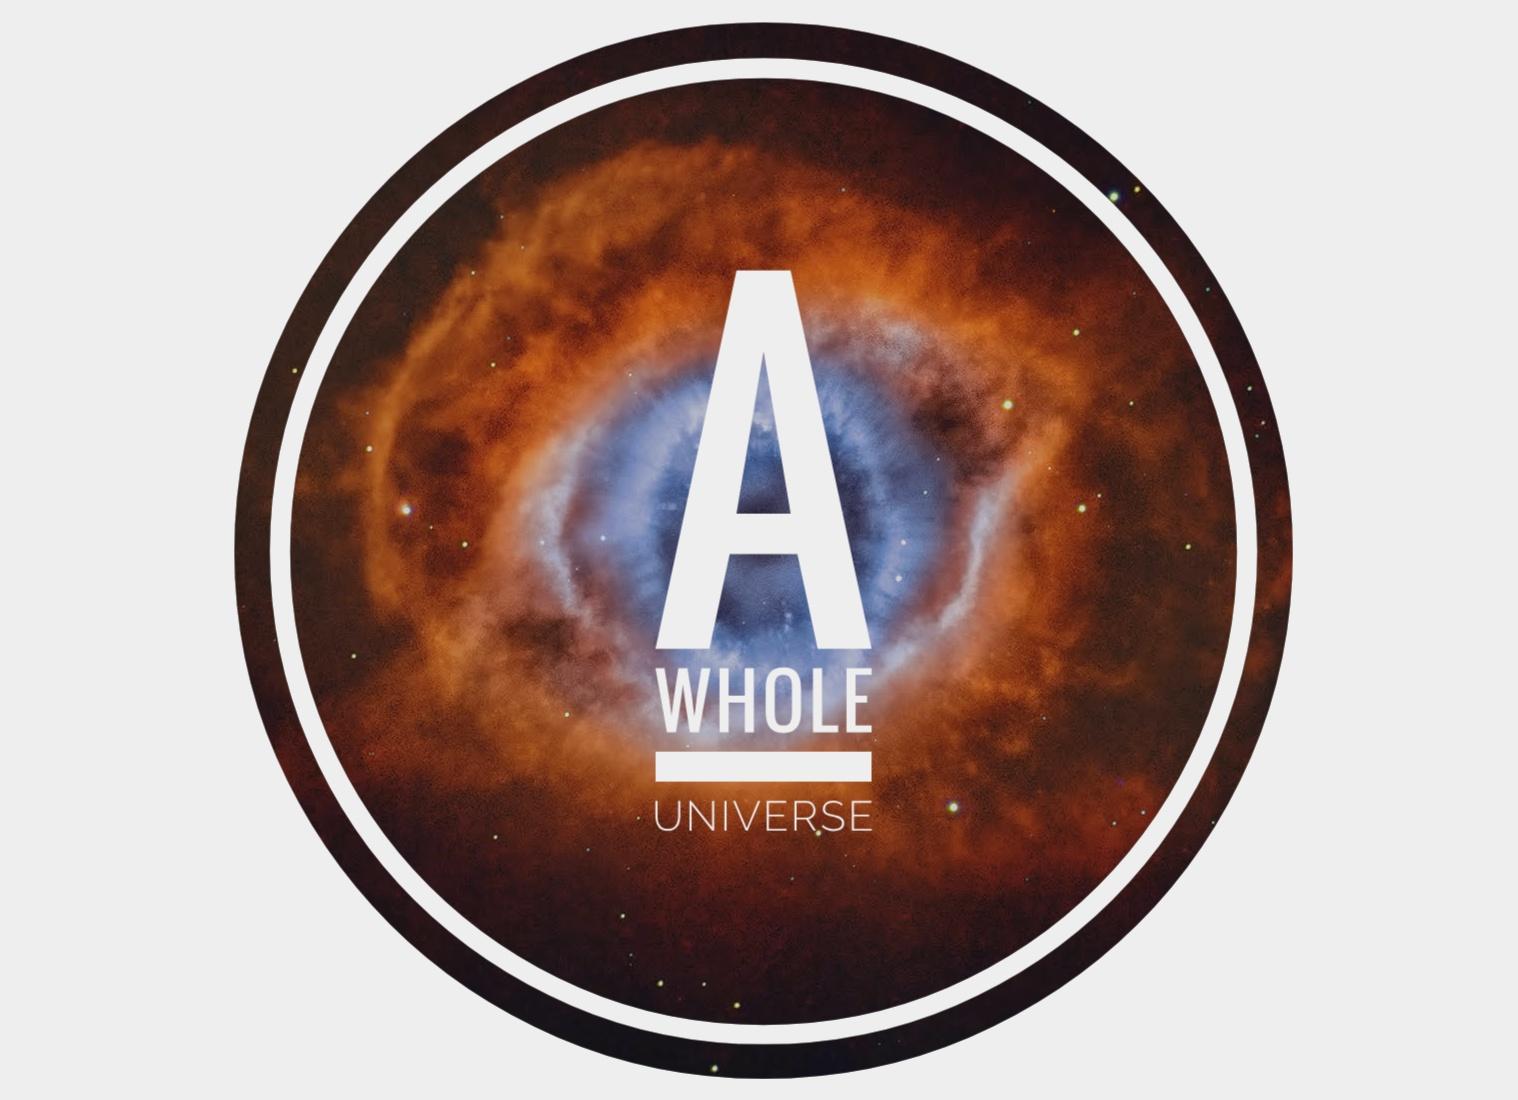 A whole universe